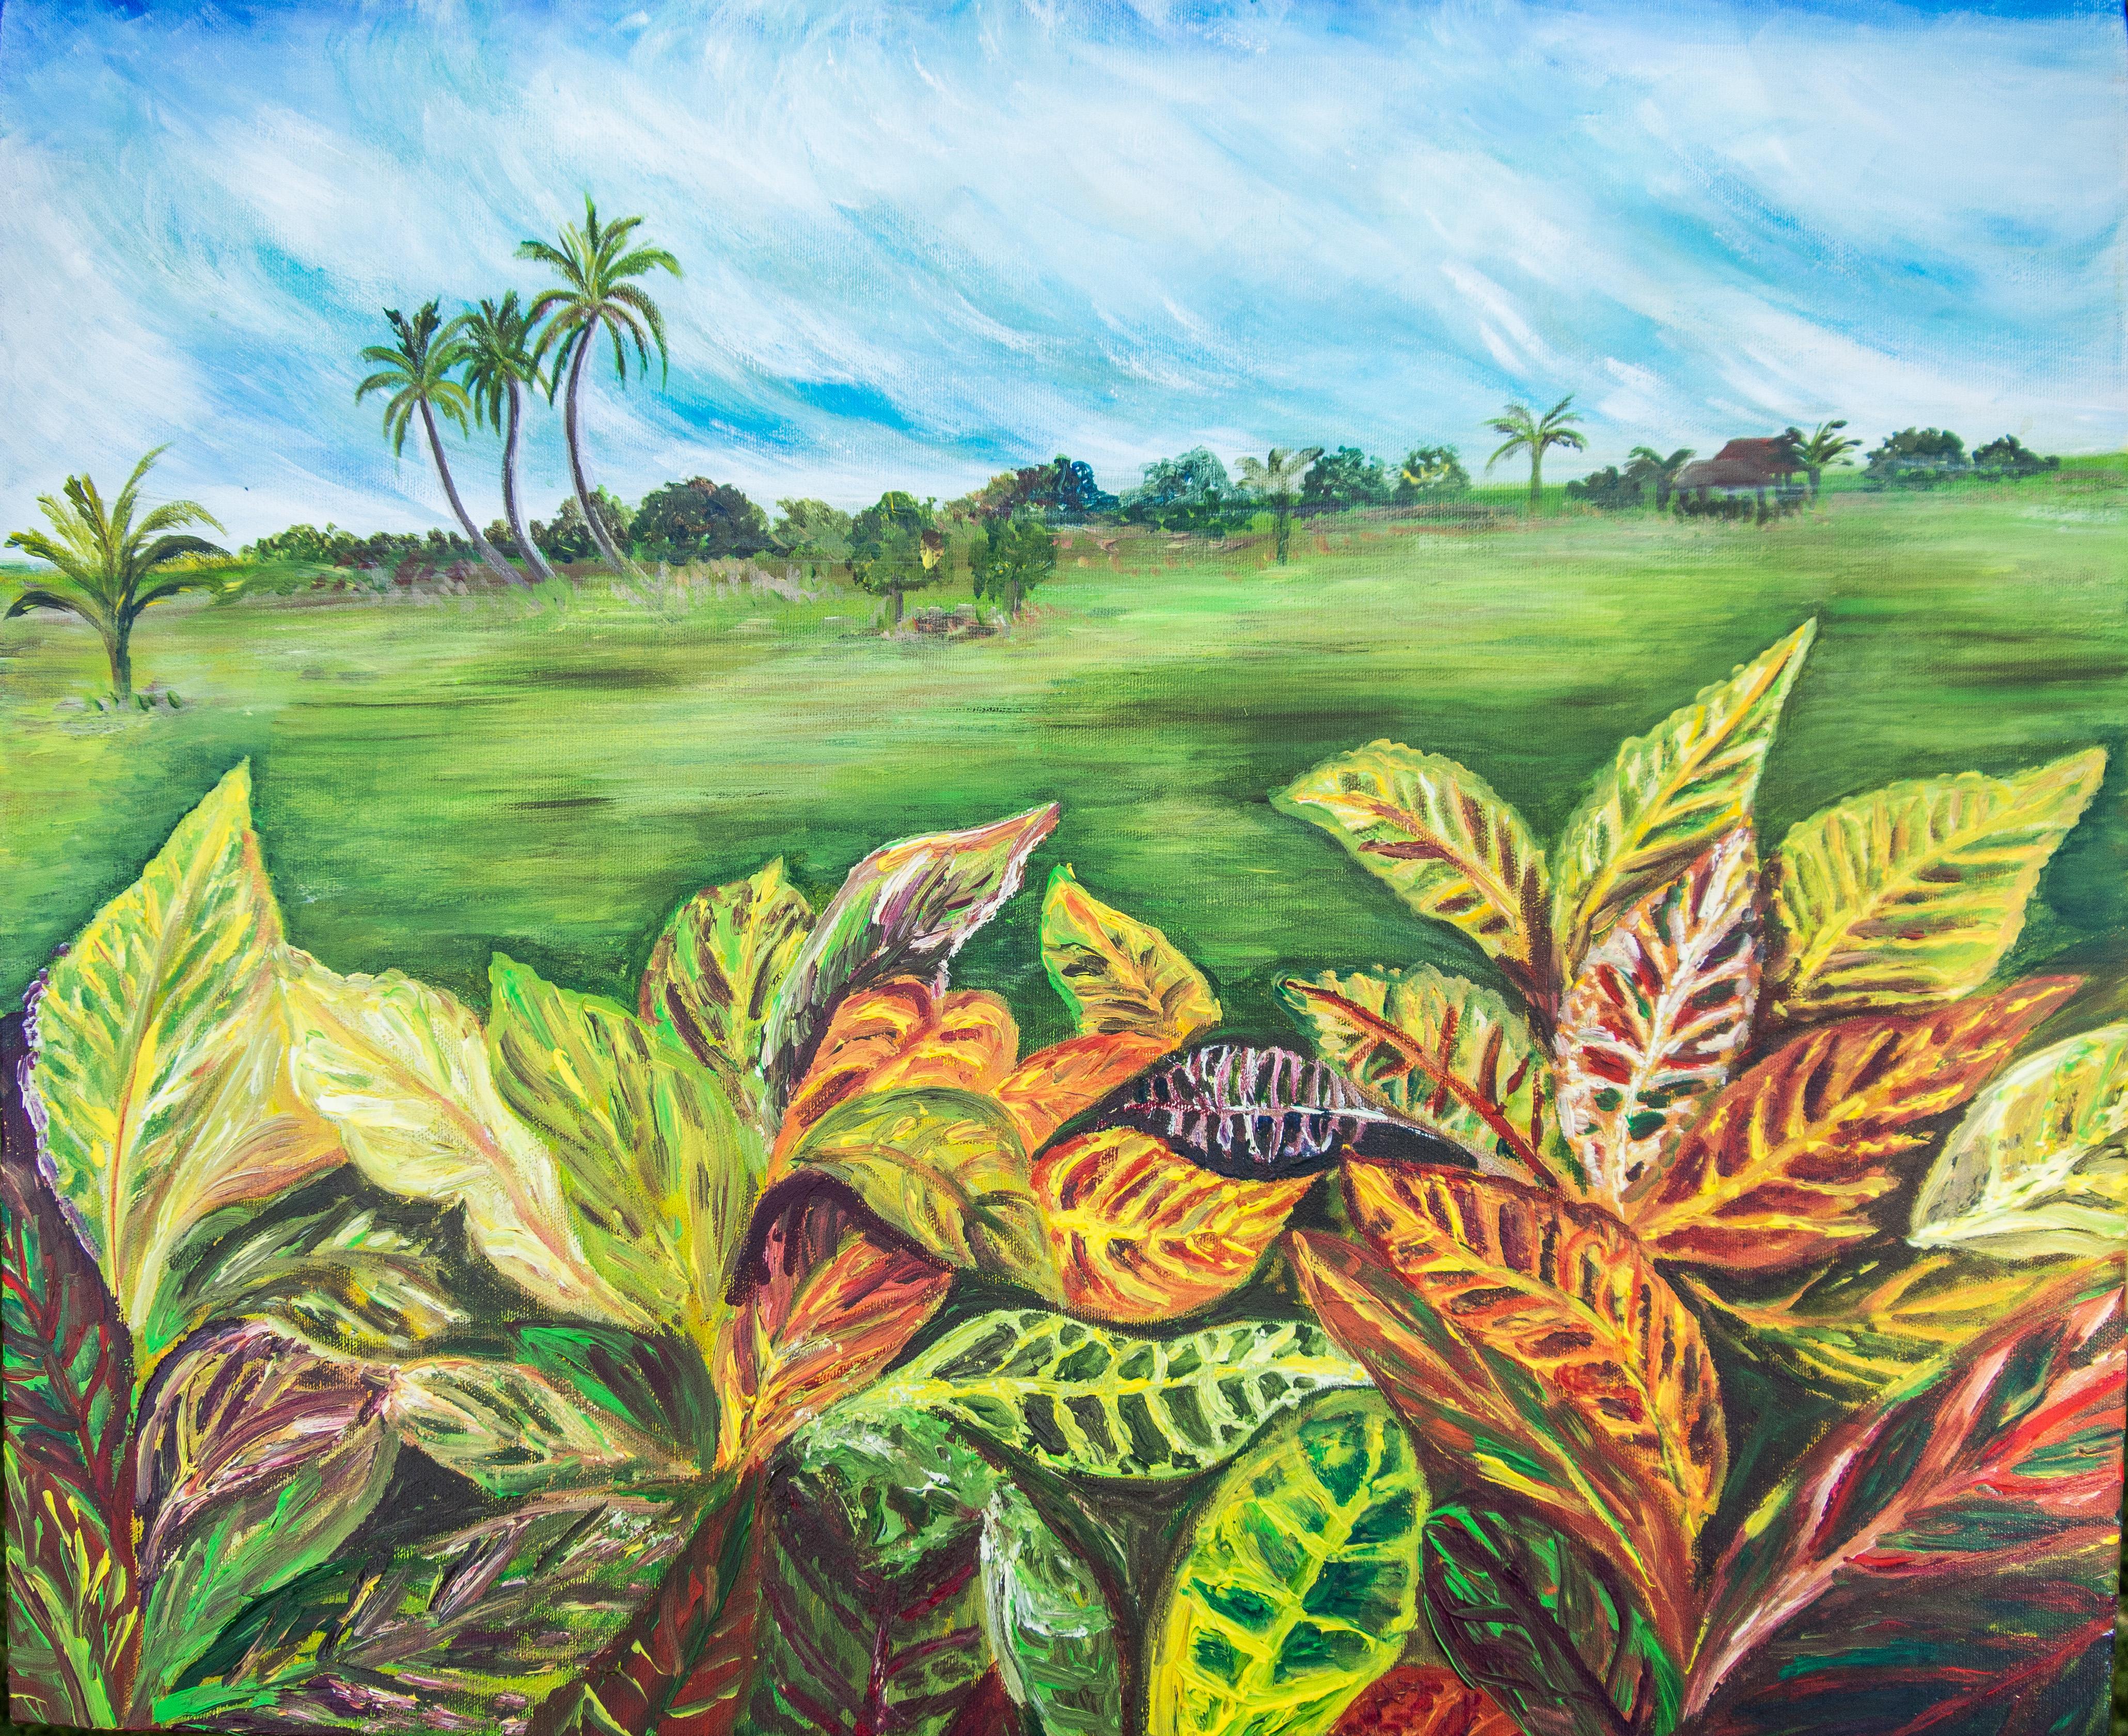 Kedah padi fields